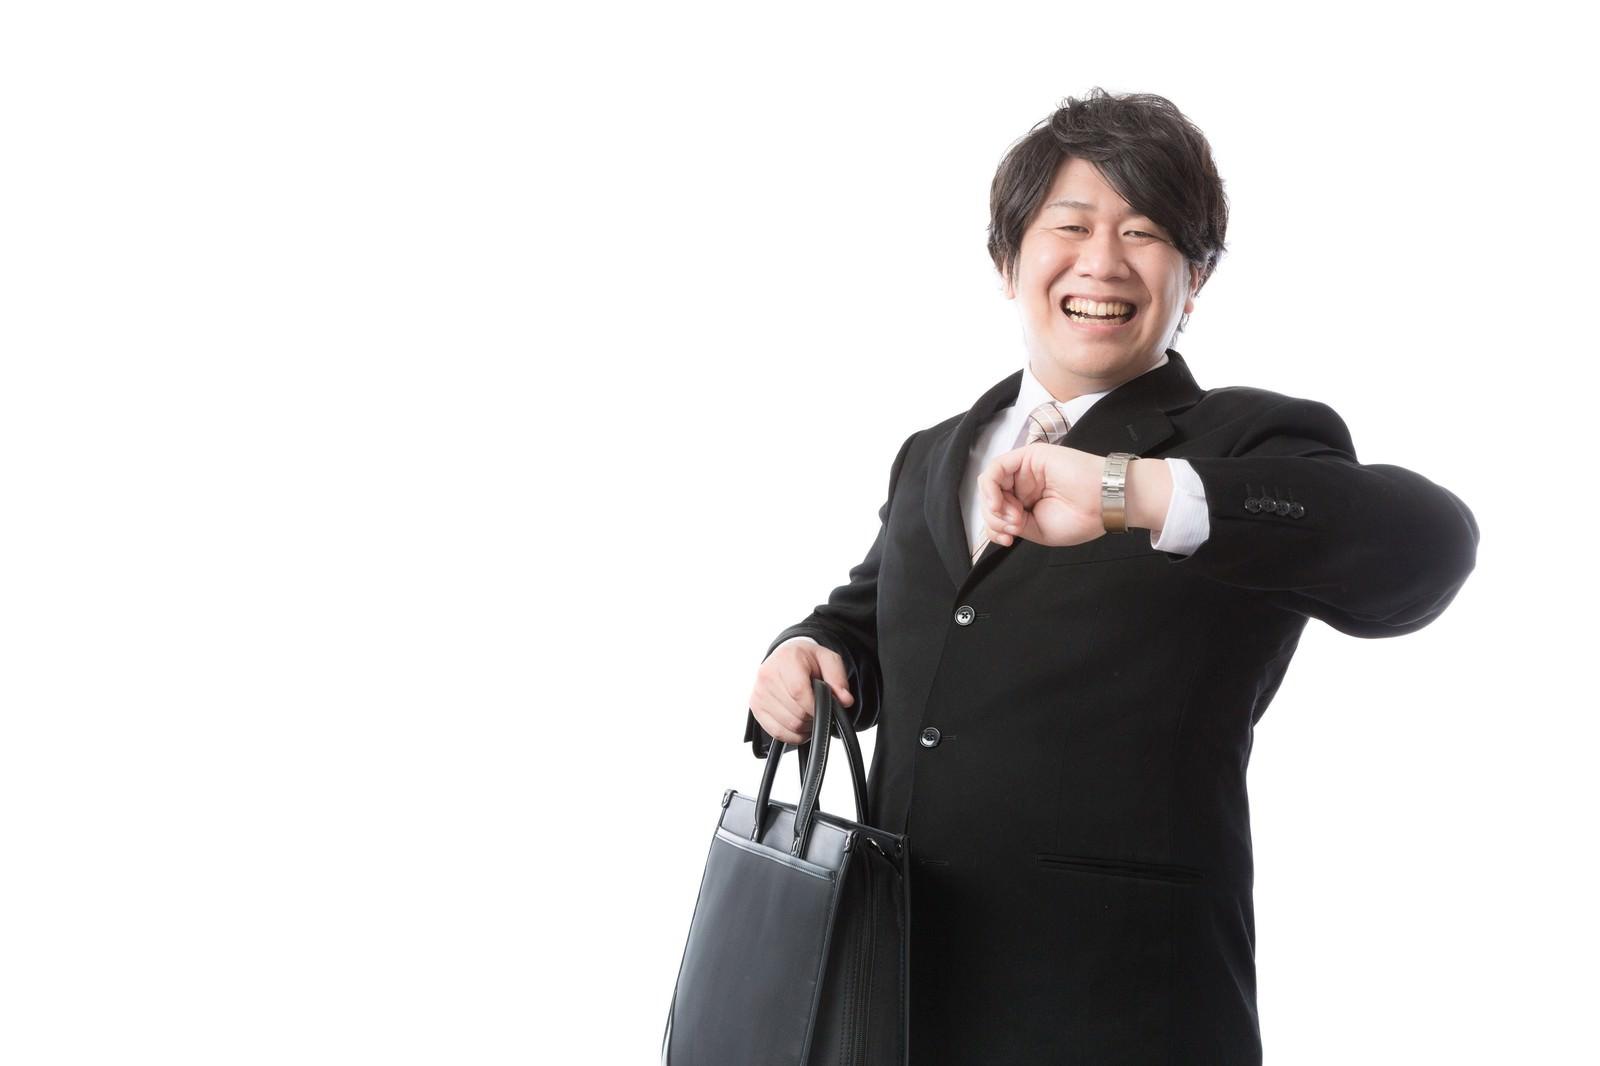 「「タイム・イズ・マネー!」と豪語する投資顧問」の写真[モデル:朽木誠一郎]